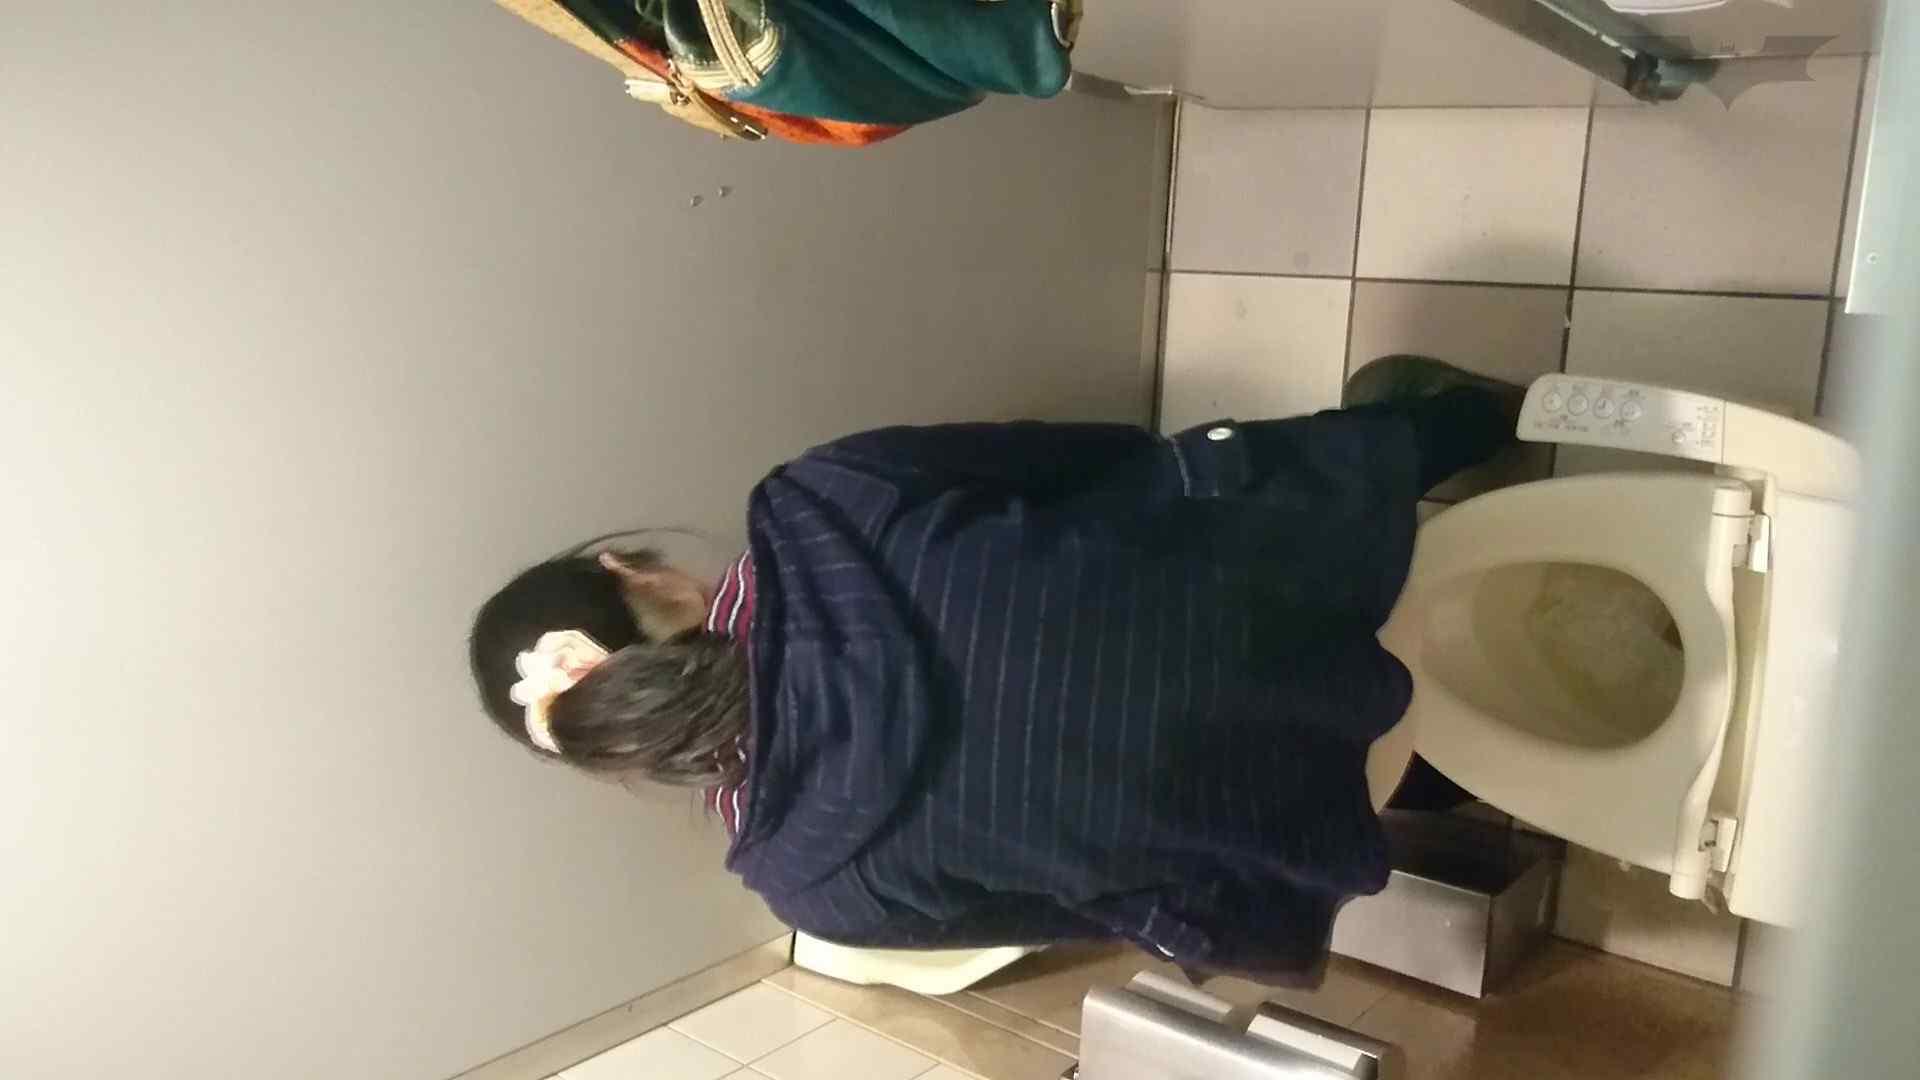 化粧室絵巻 ショッピングモール編 VOL.16 細身女性 ワレメ無修正動画無料 55画像 13